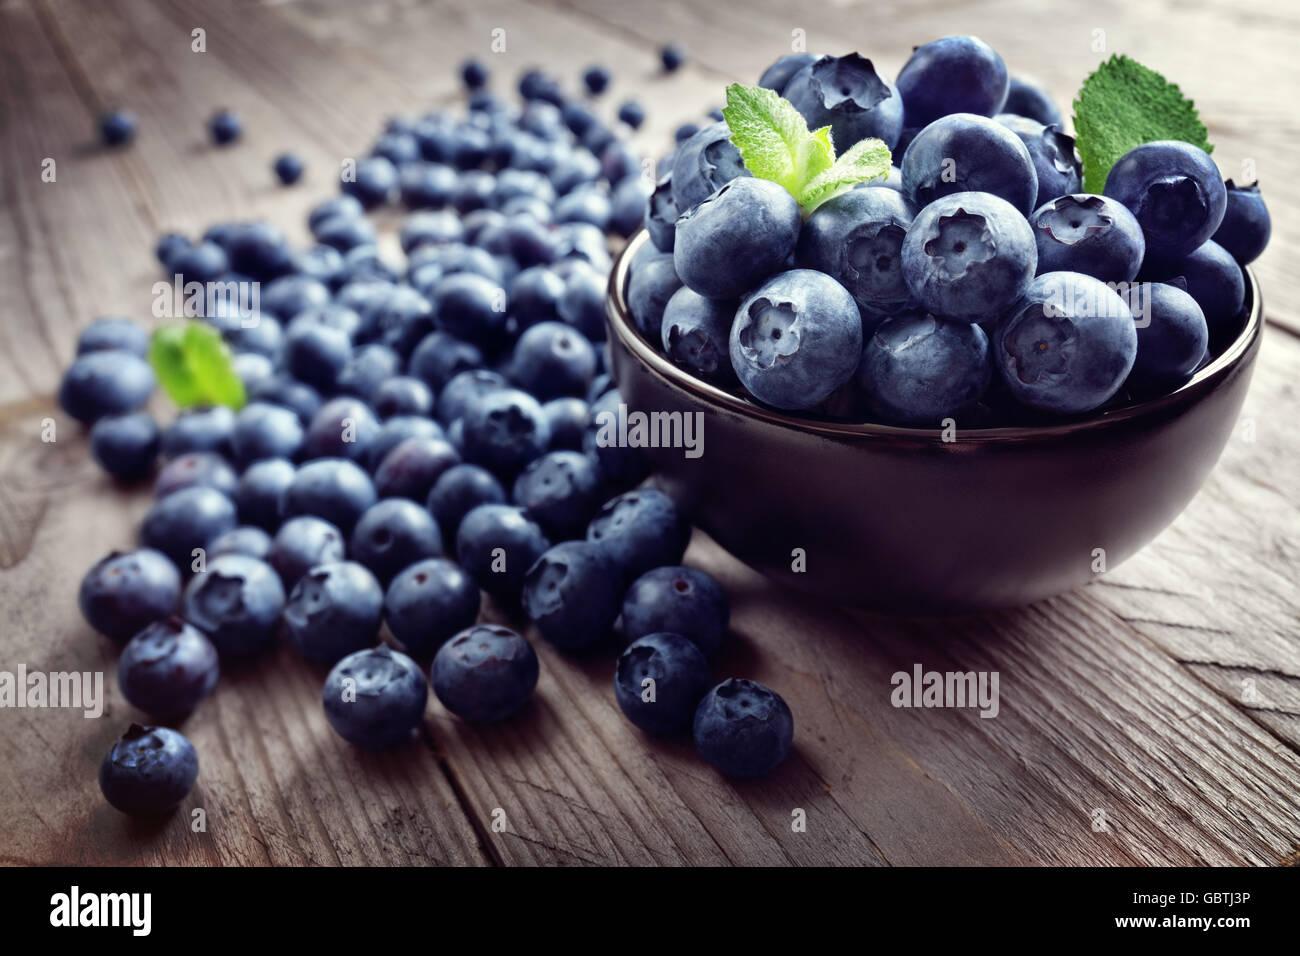 Blueberry antioxidant organic superfood - Stock Image